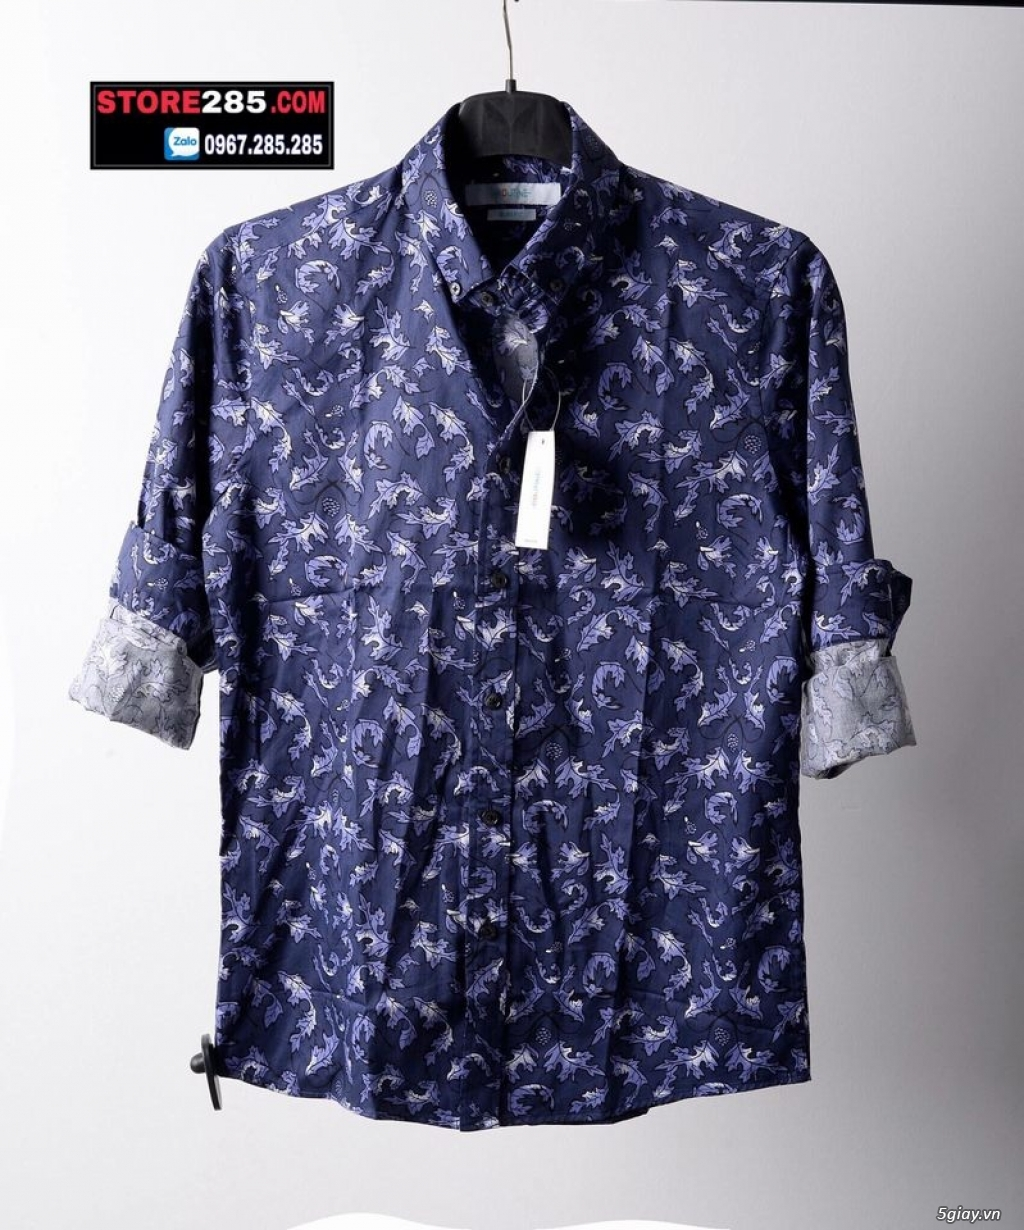 STORE285 - Thời trang VNXK: Áo thun, áo sơ mi,... đơn giản phù hợp mọi đối tượng giá chỉ 150k - 280k - 38